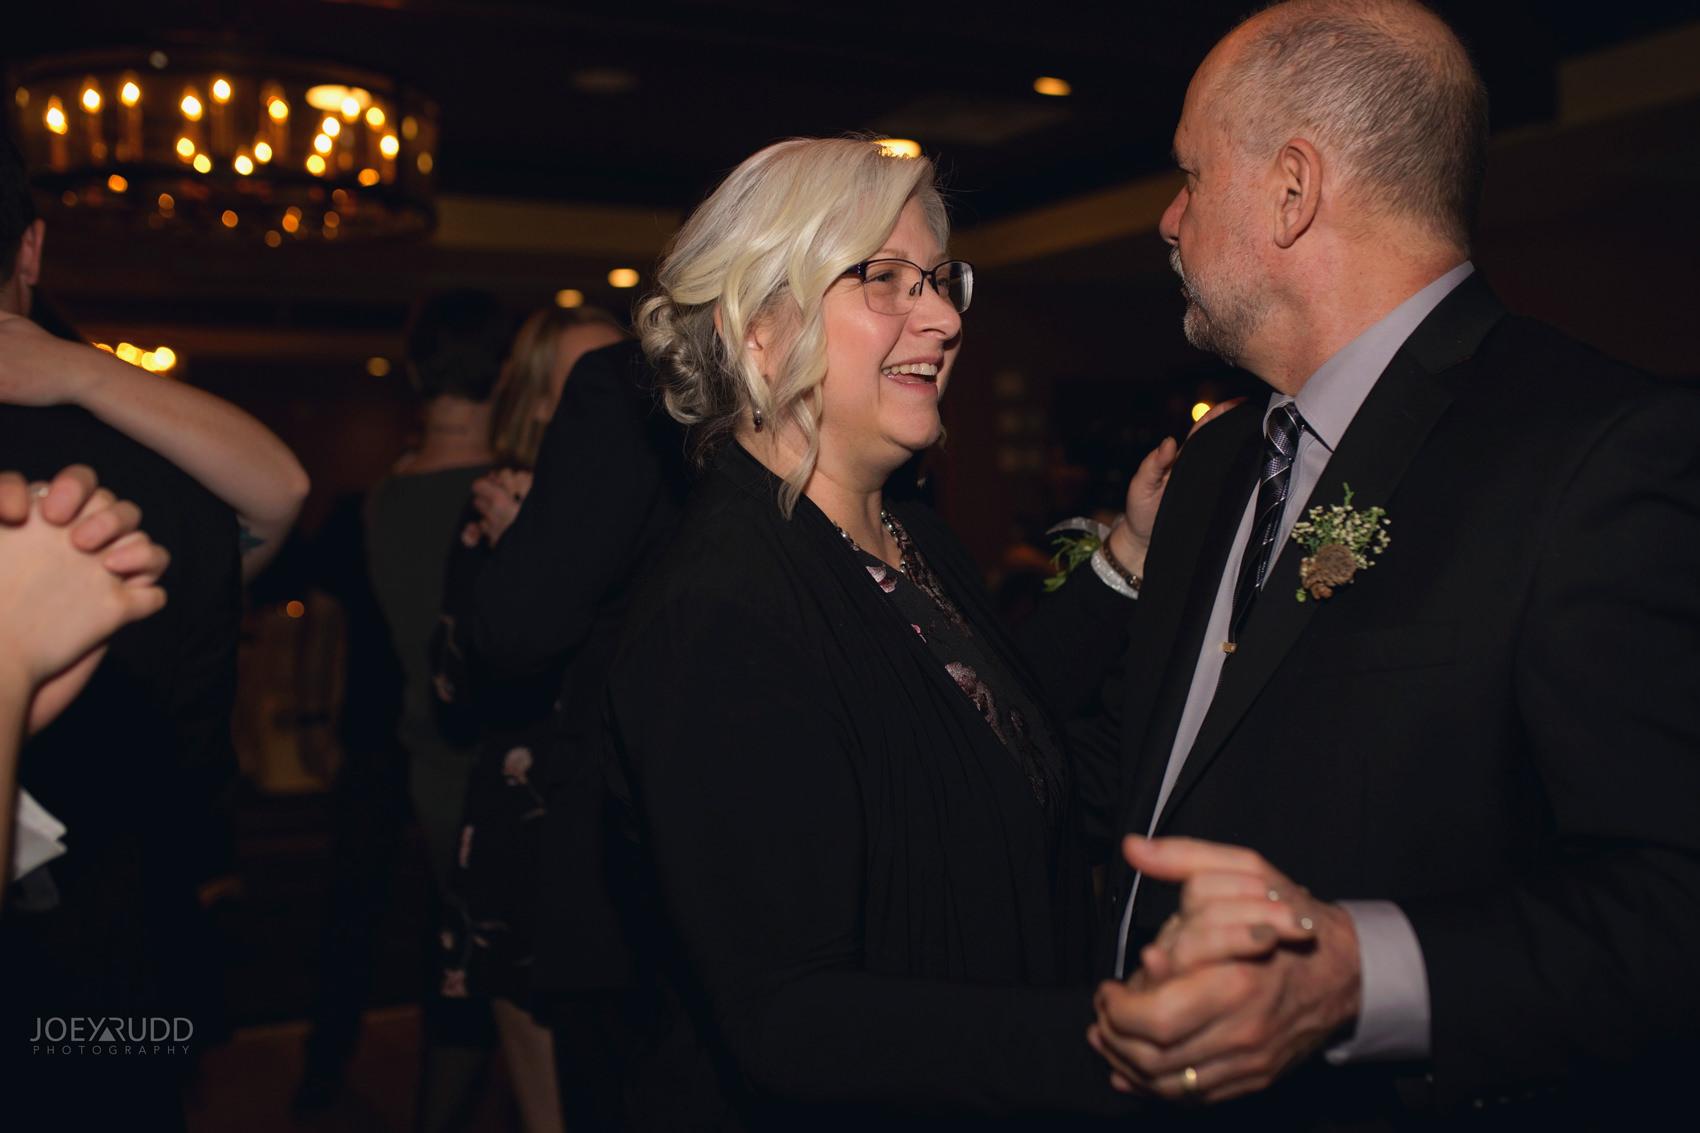 Winter Wedding in Ottawa at Greyhawk Golf Club by Ottawa Wedding Photographer Joey Rudd Photography Candid Reception Dancing Photo